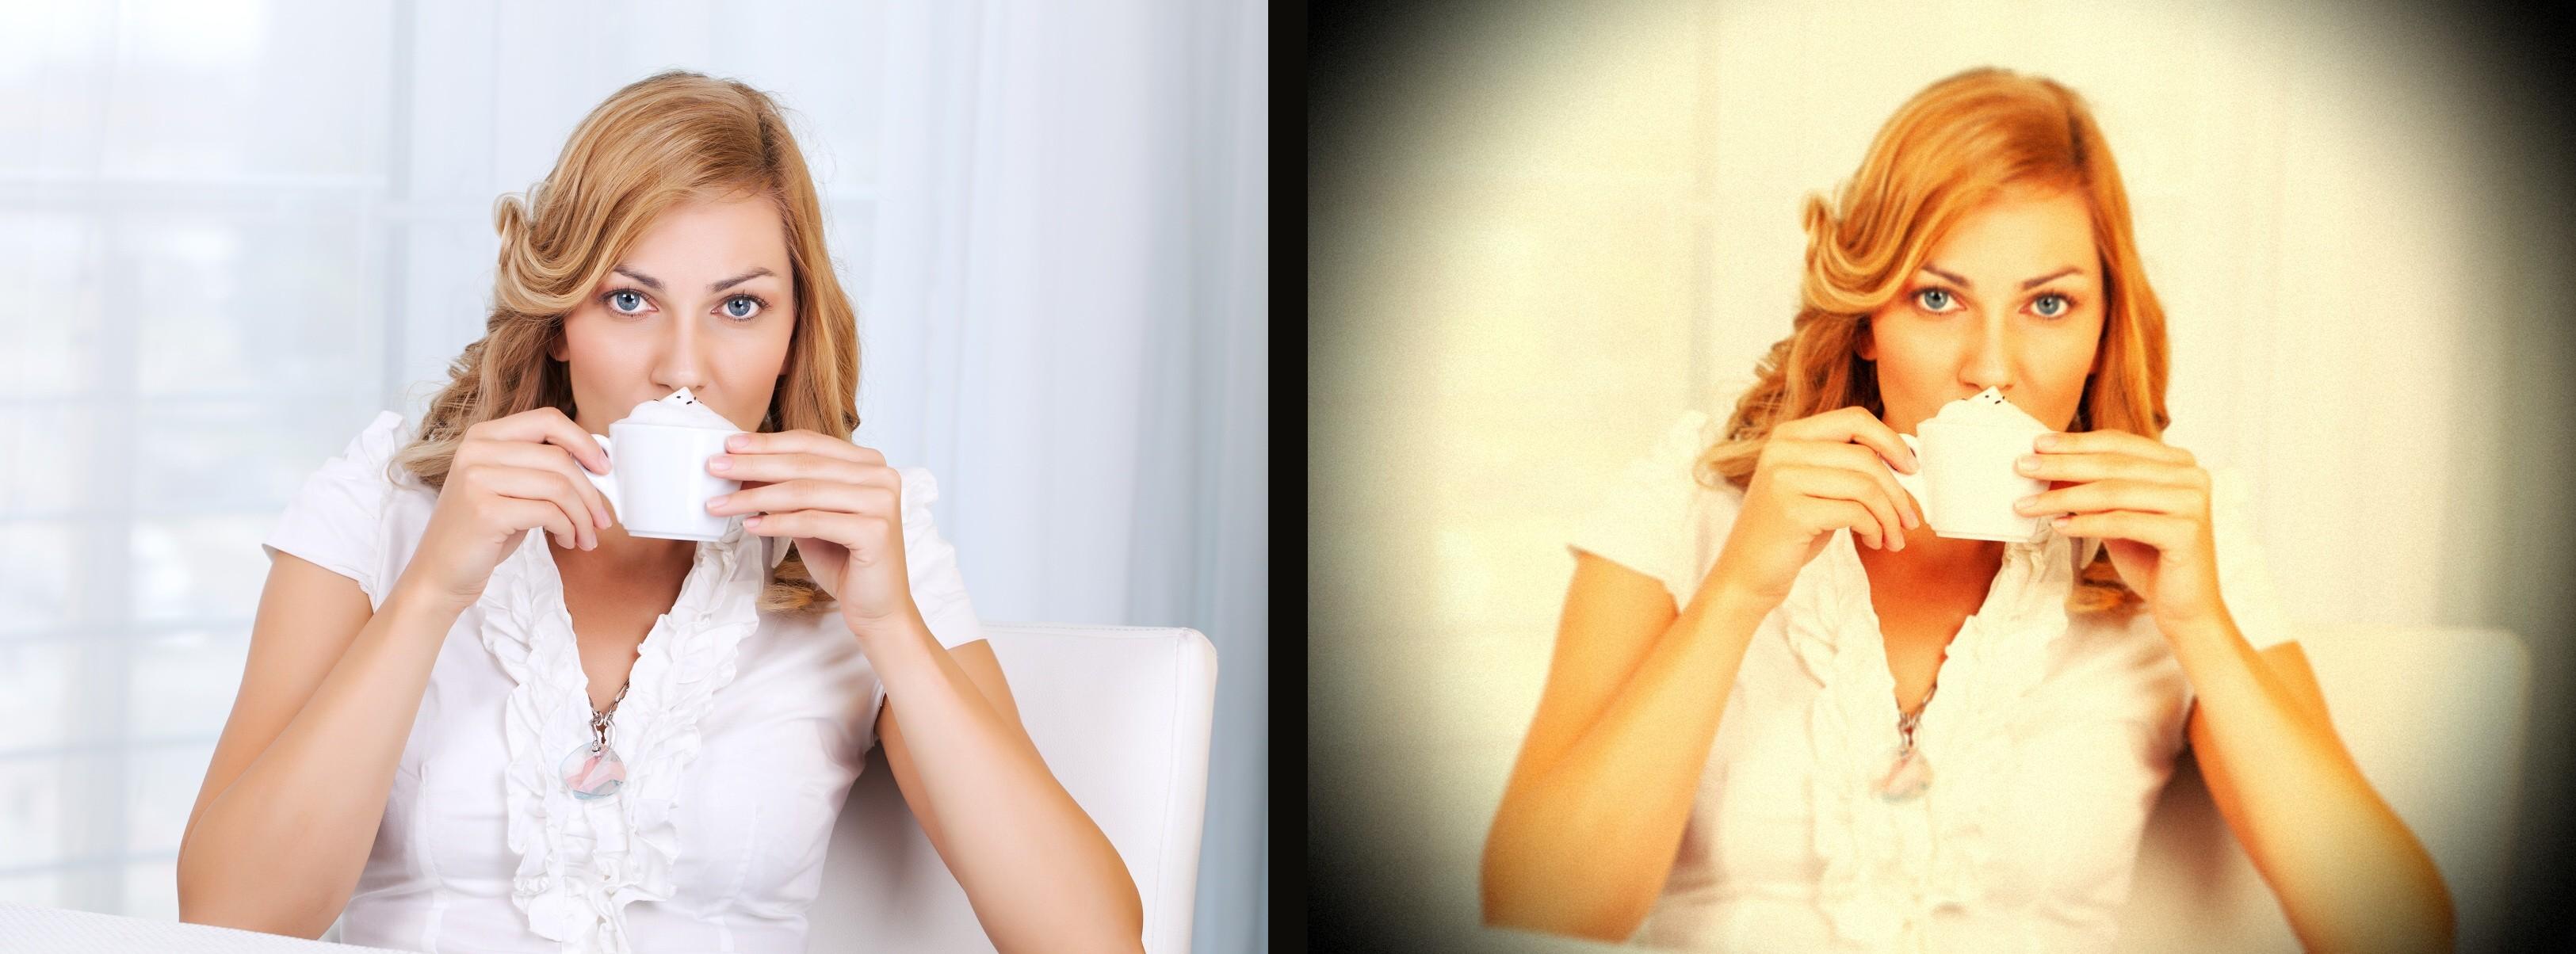 Vlevo původní snímek, vpravo snímek po aplikaci filtru